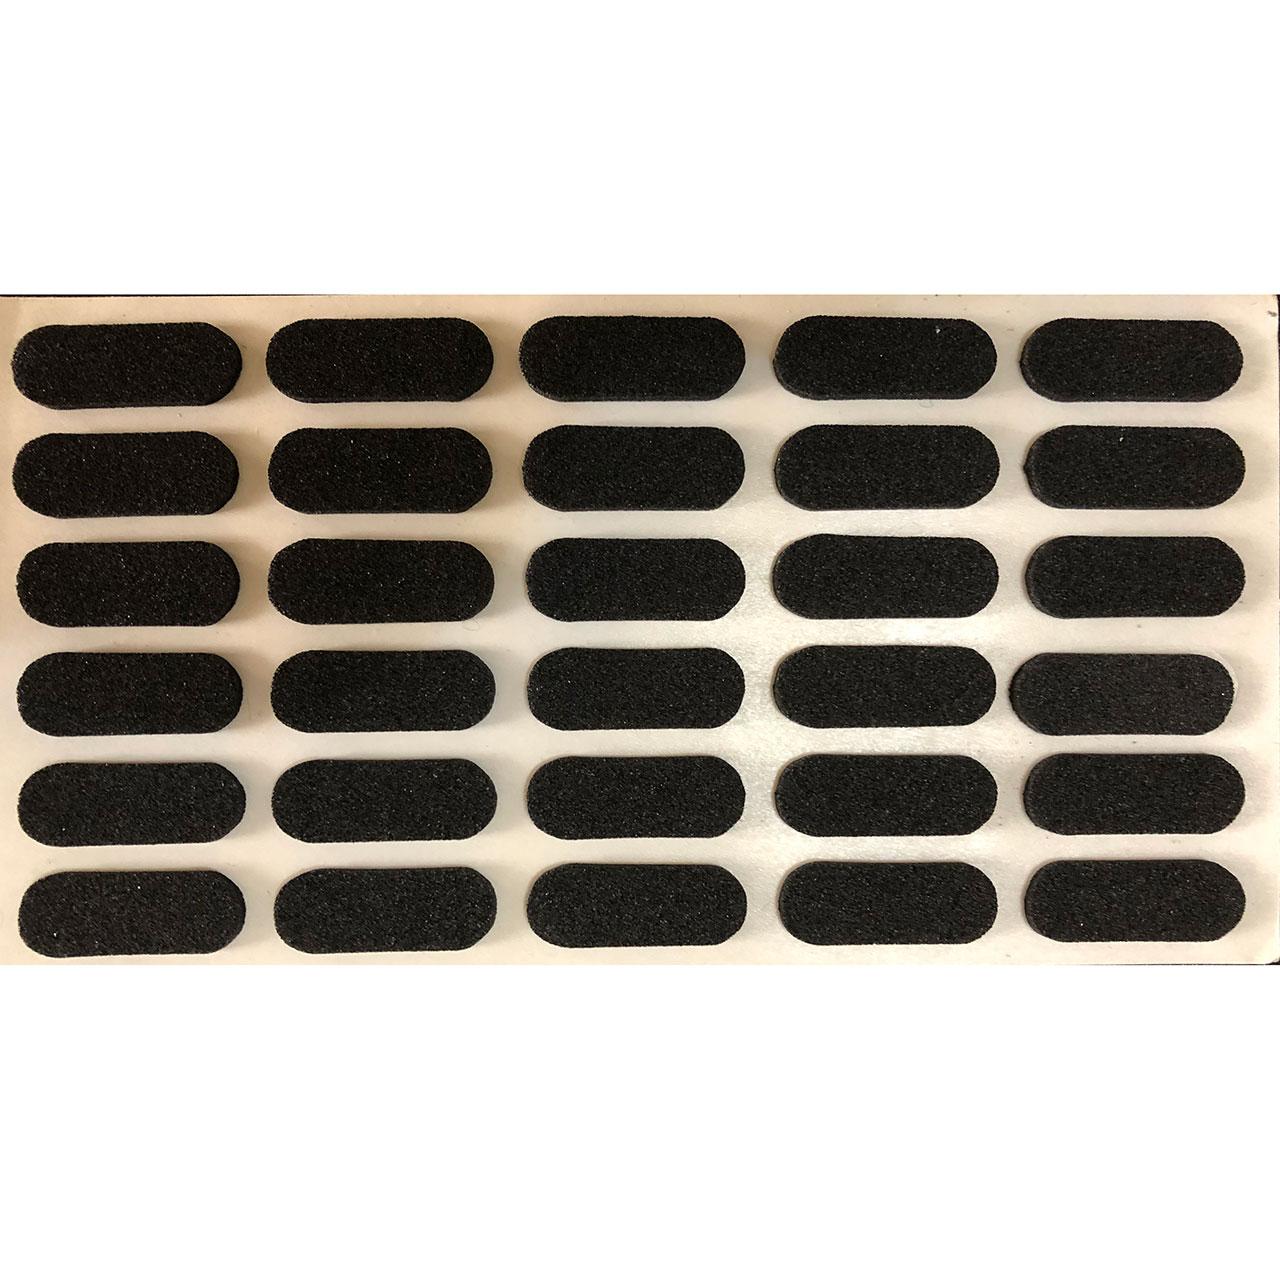 ضربه گیر کشو، درب، کابینت و کمد 2*1 مدل  B30 بسته 30 عددی پشت چسب دار